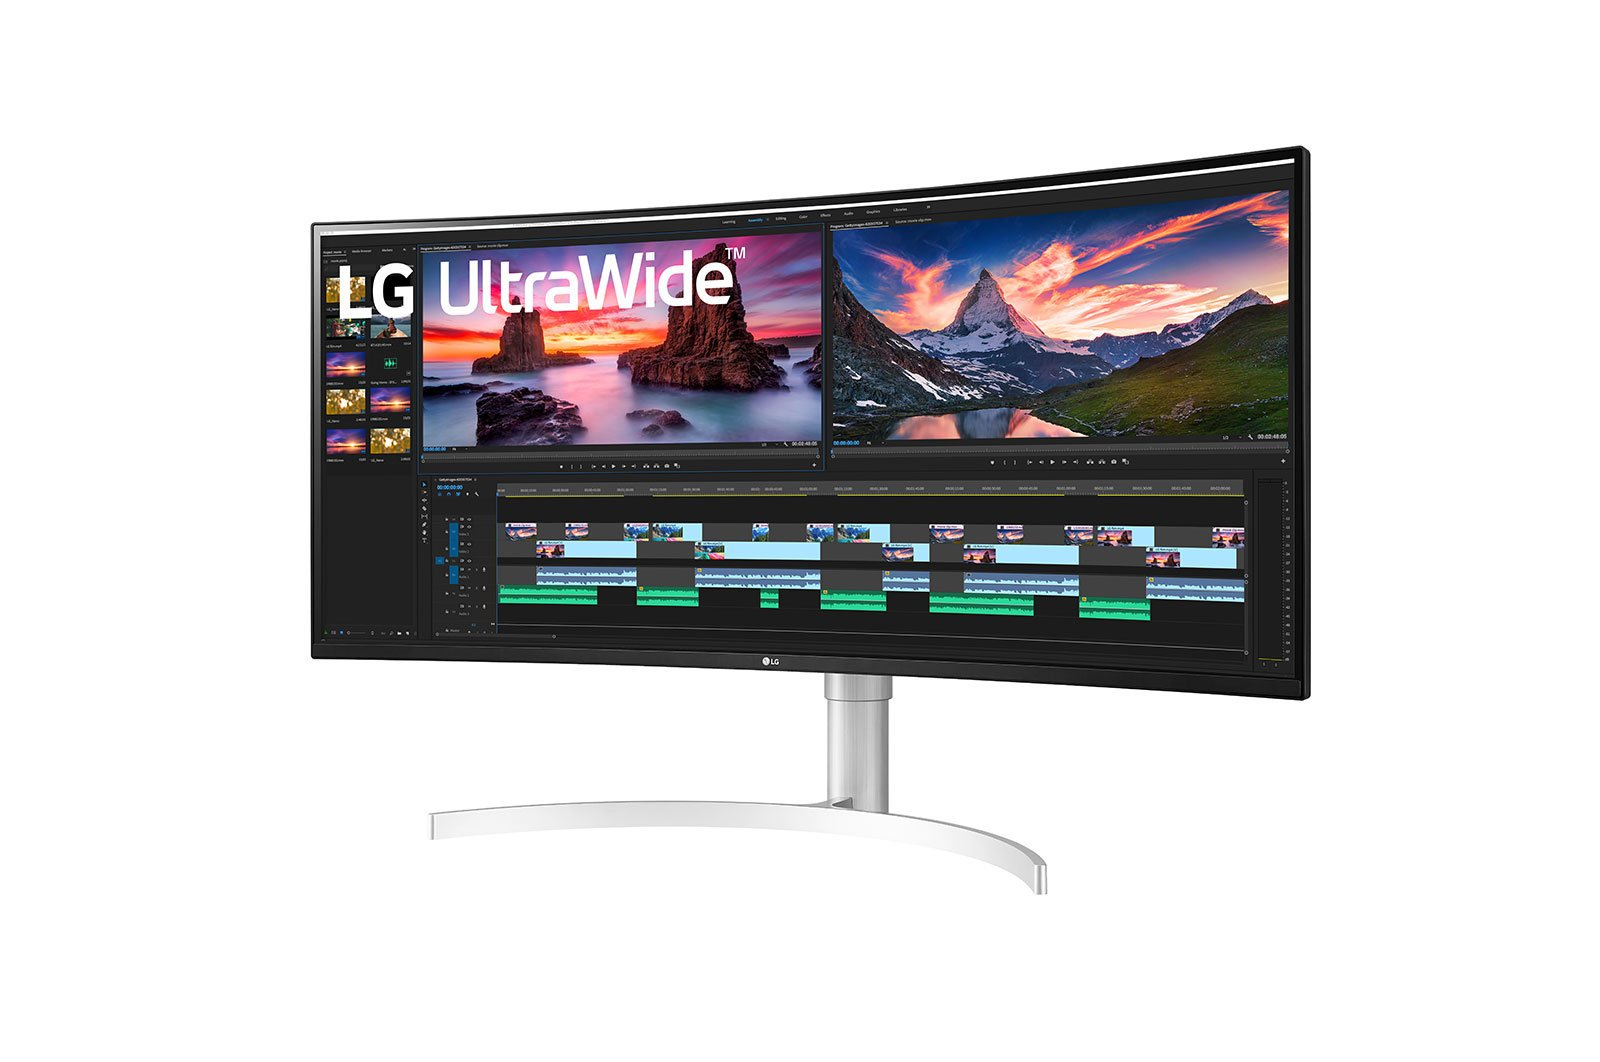 LG 38WN95C-W monitor